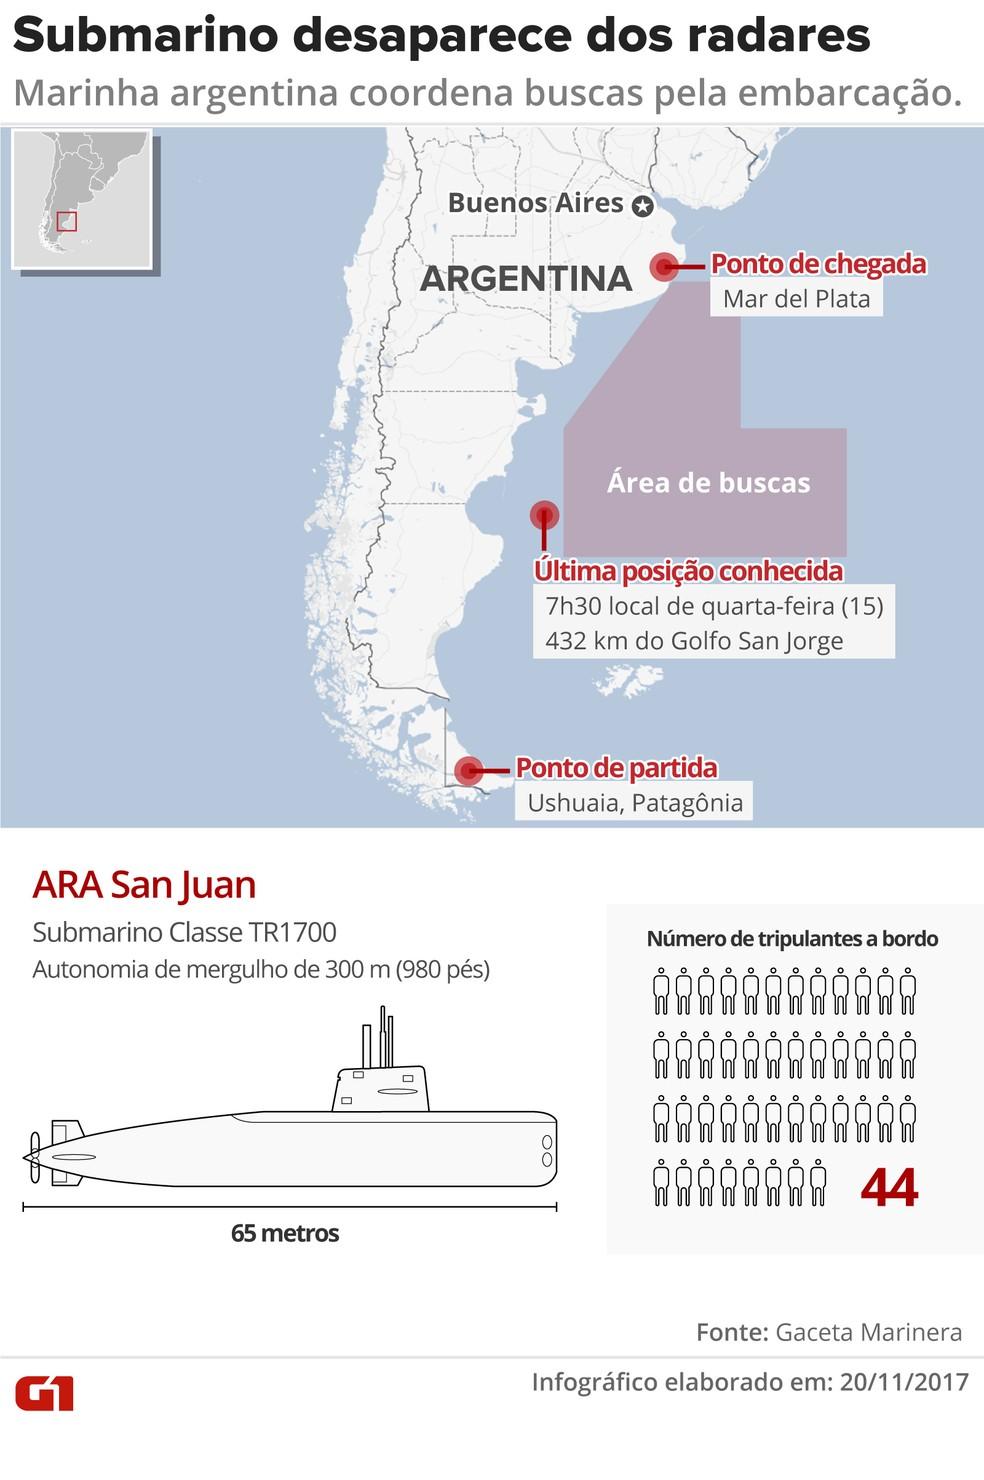 Submarino desaparece na Argentina com 44 tripulantes a bordo: veja detalhes sobre a busca (Foto: Juliane Souza/G1)